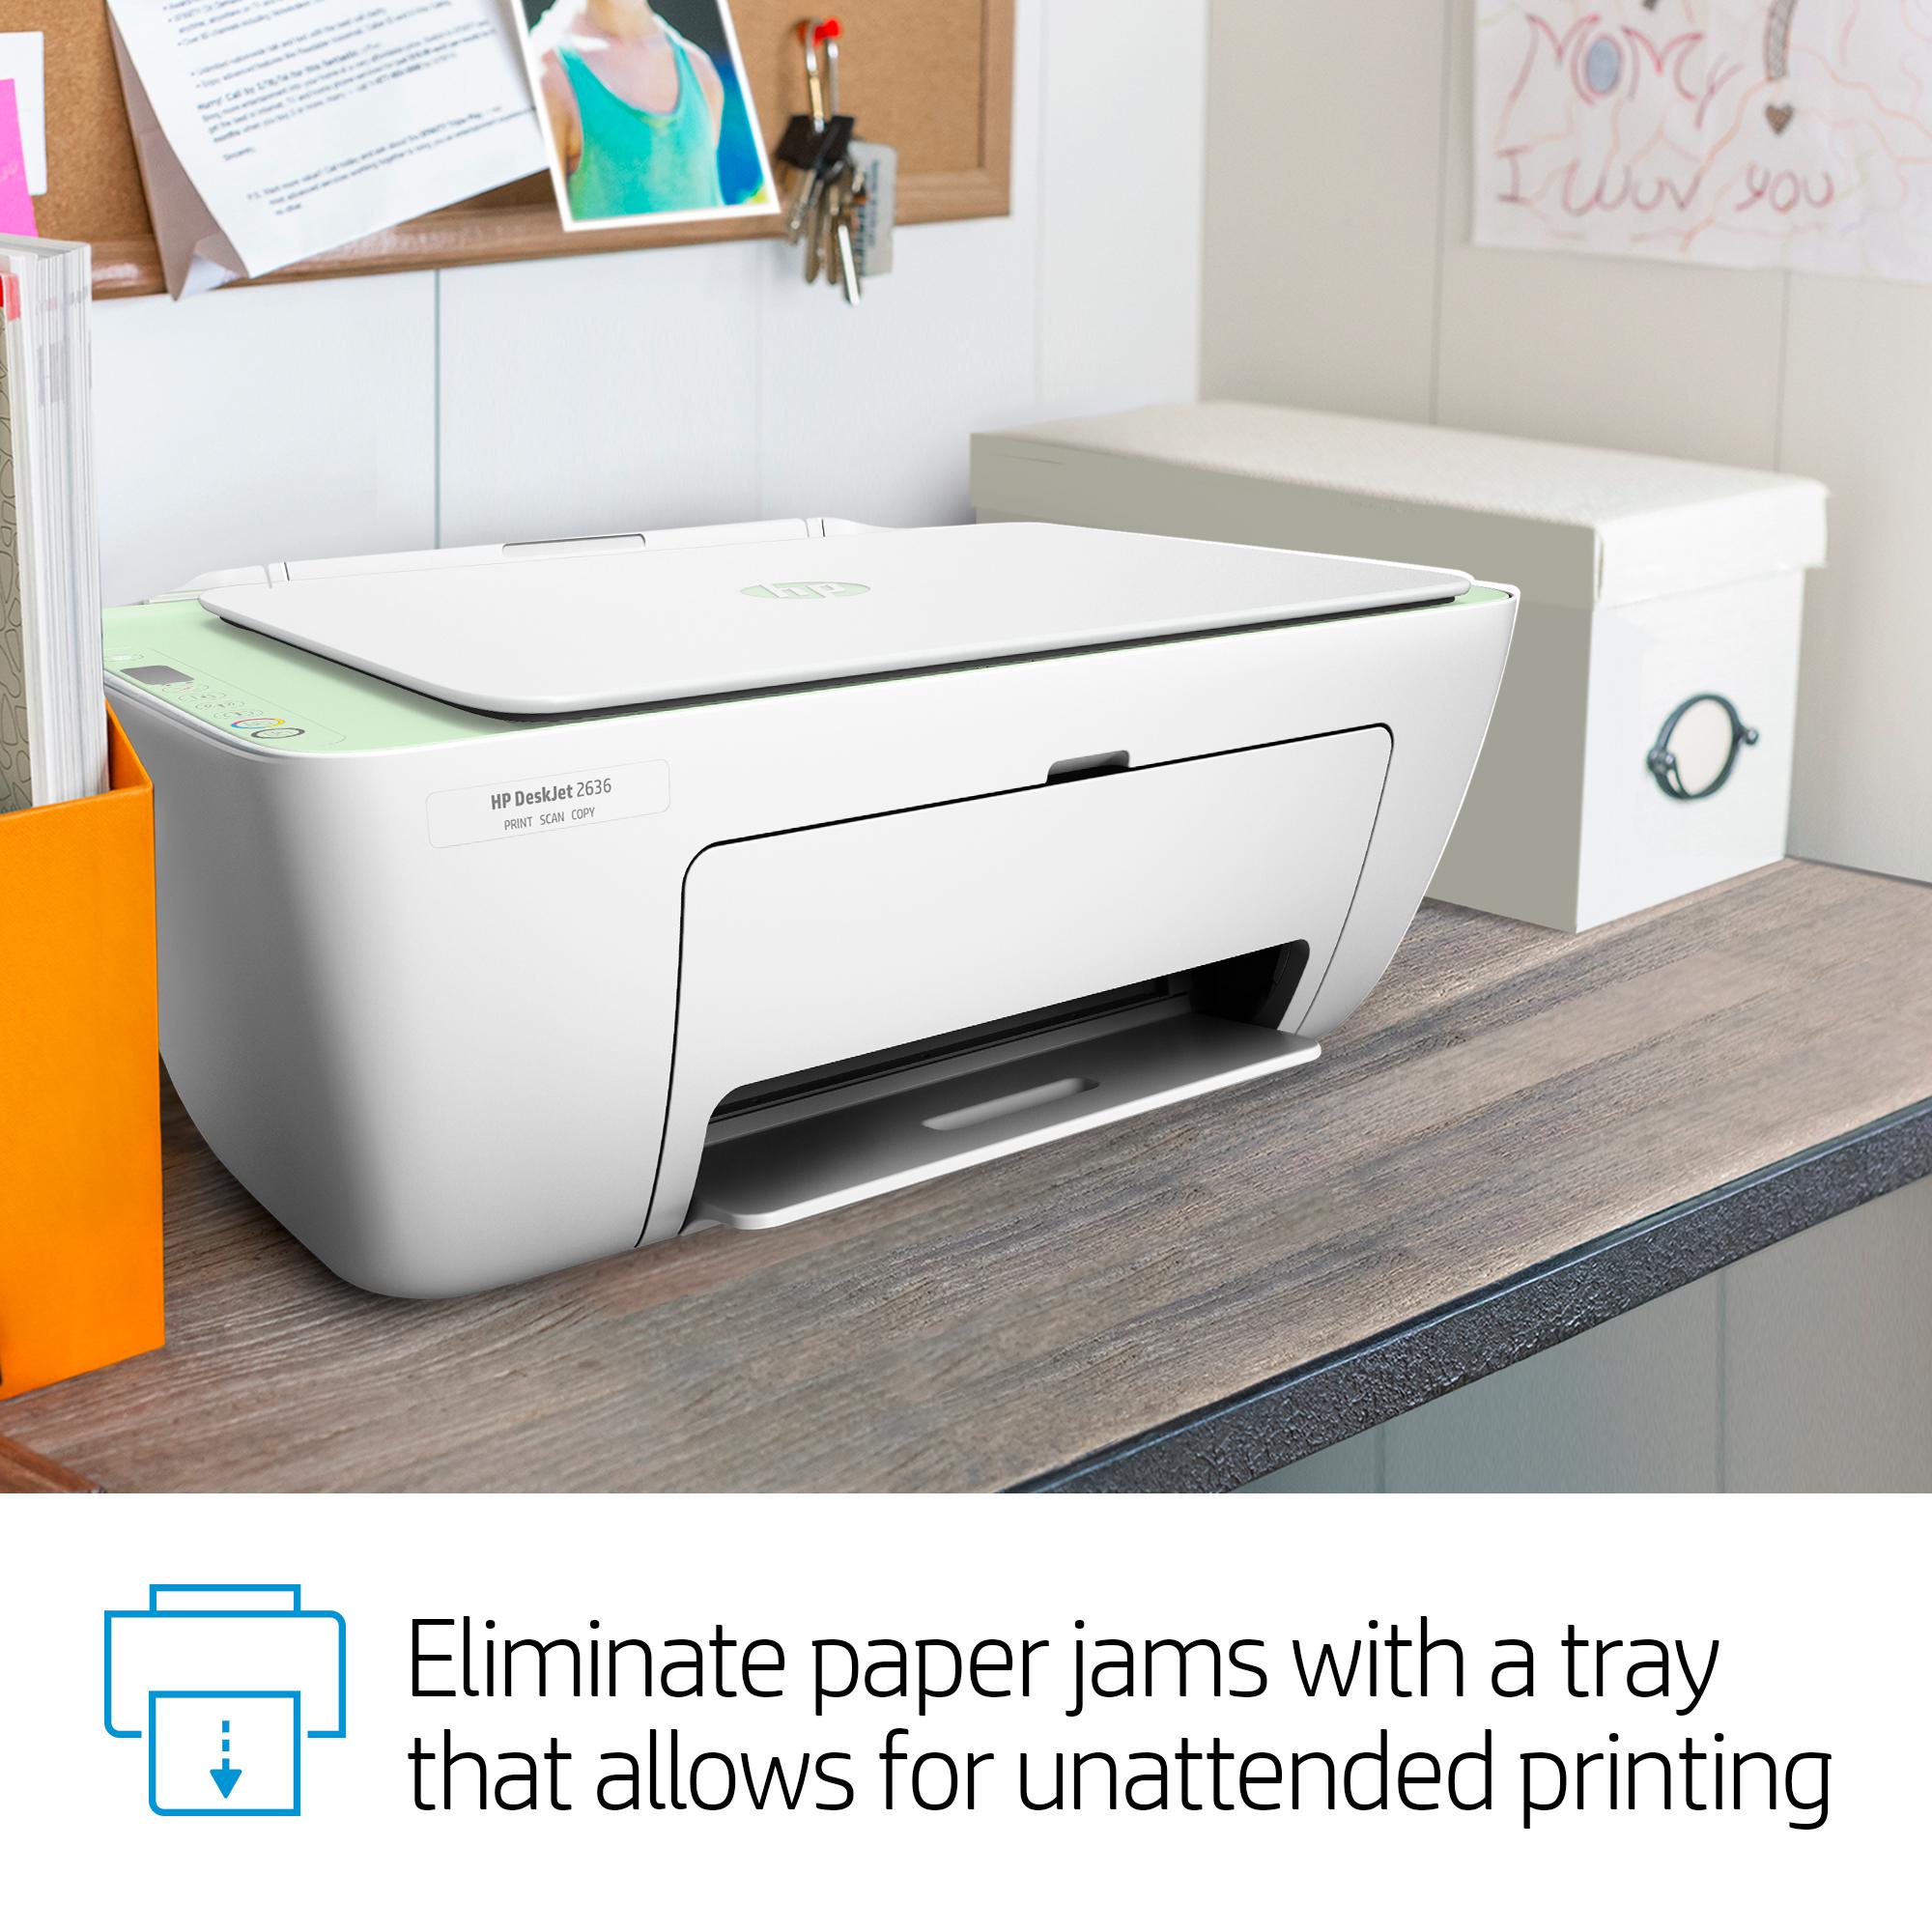 HP DeskJet 2636 Wireless All-in-One Color Inkjet Printer w/ HP Smart App. Gelato   eBay